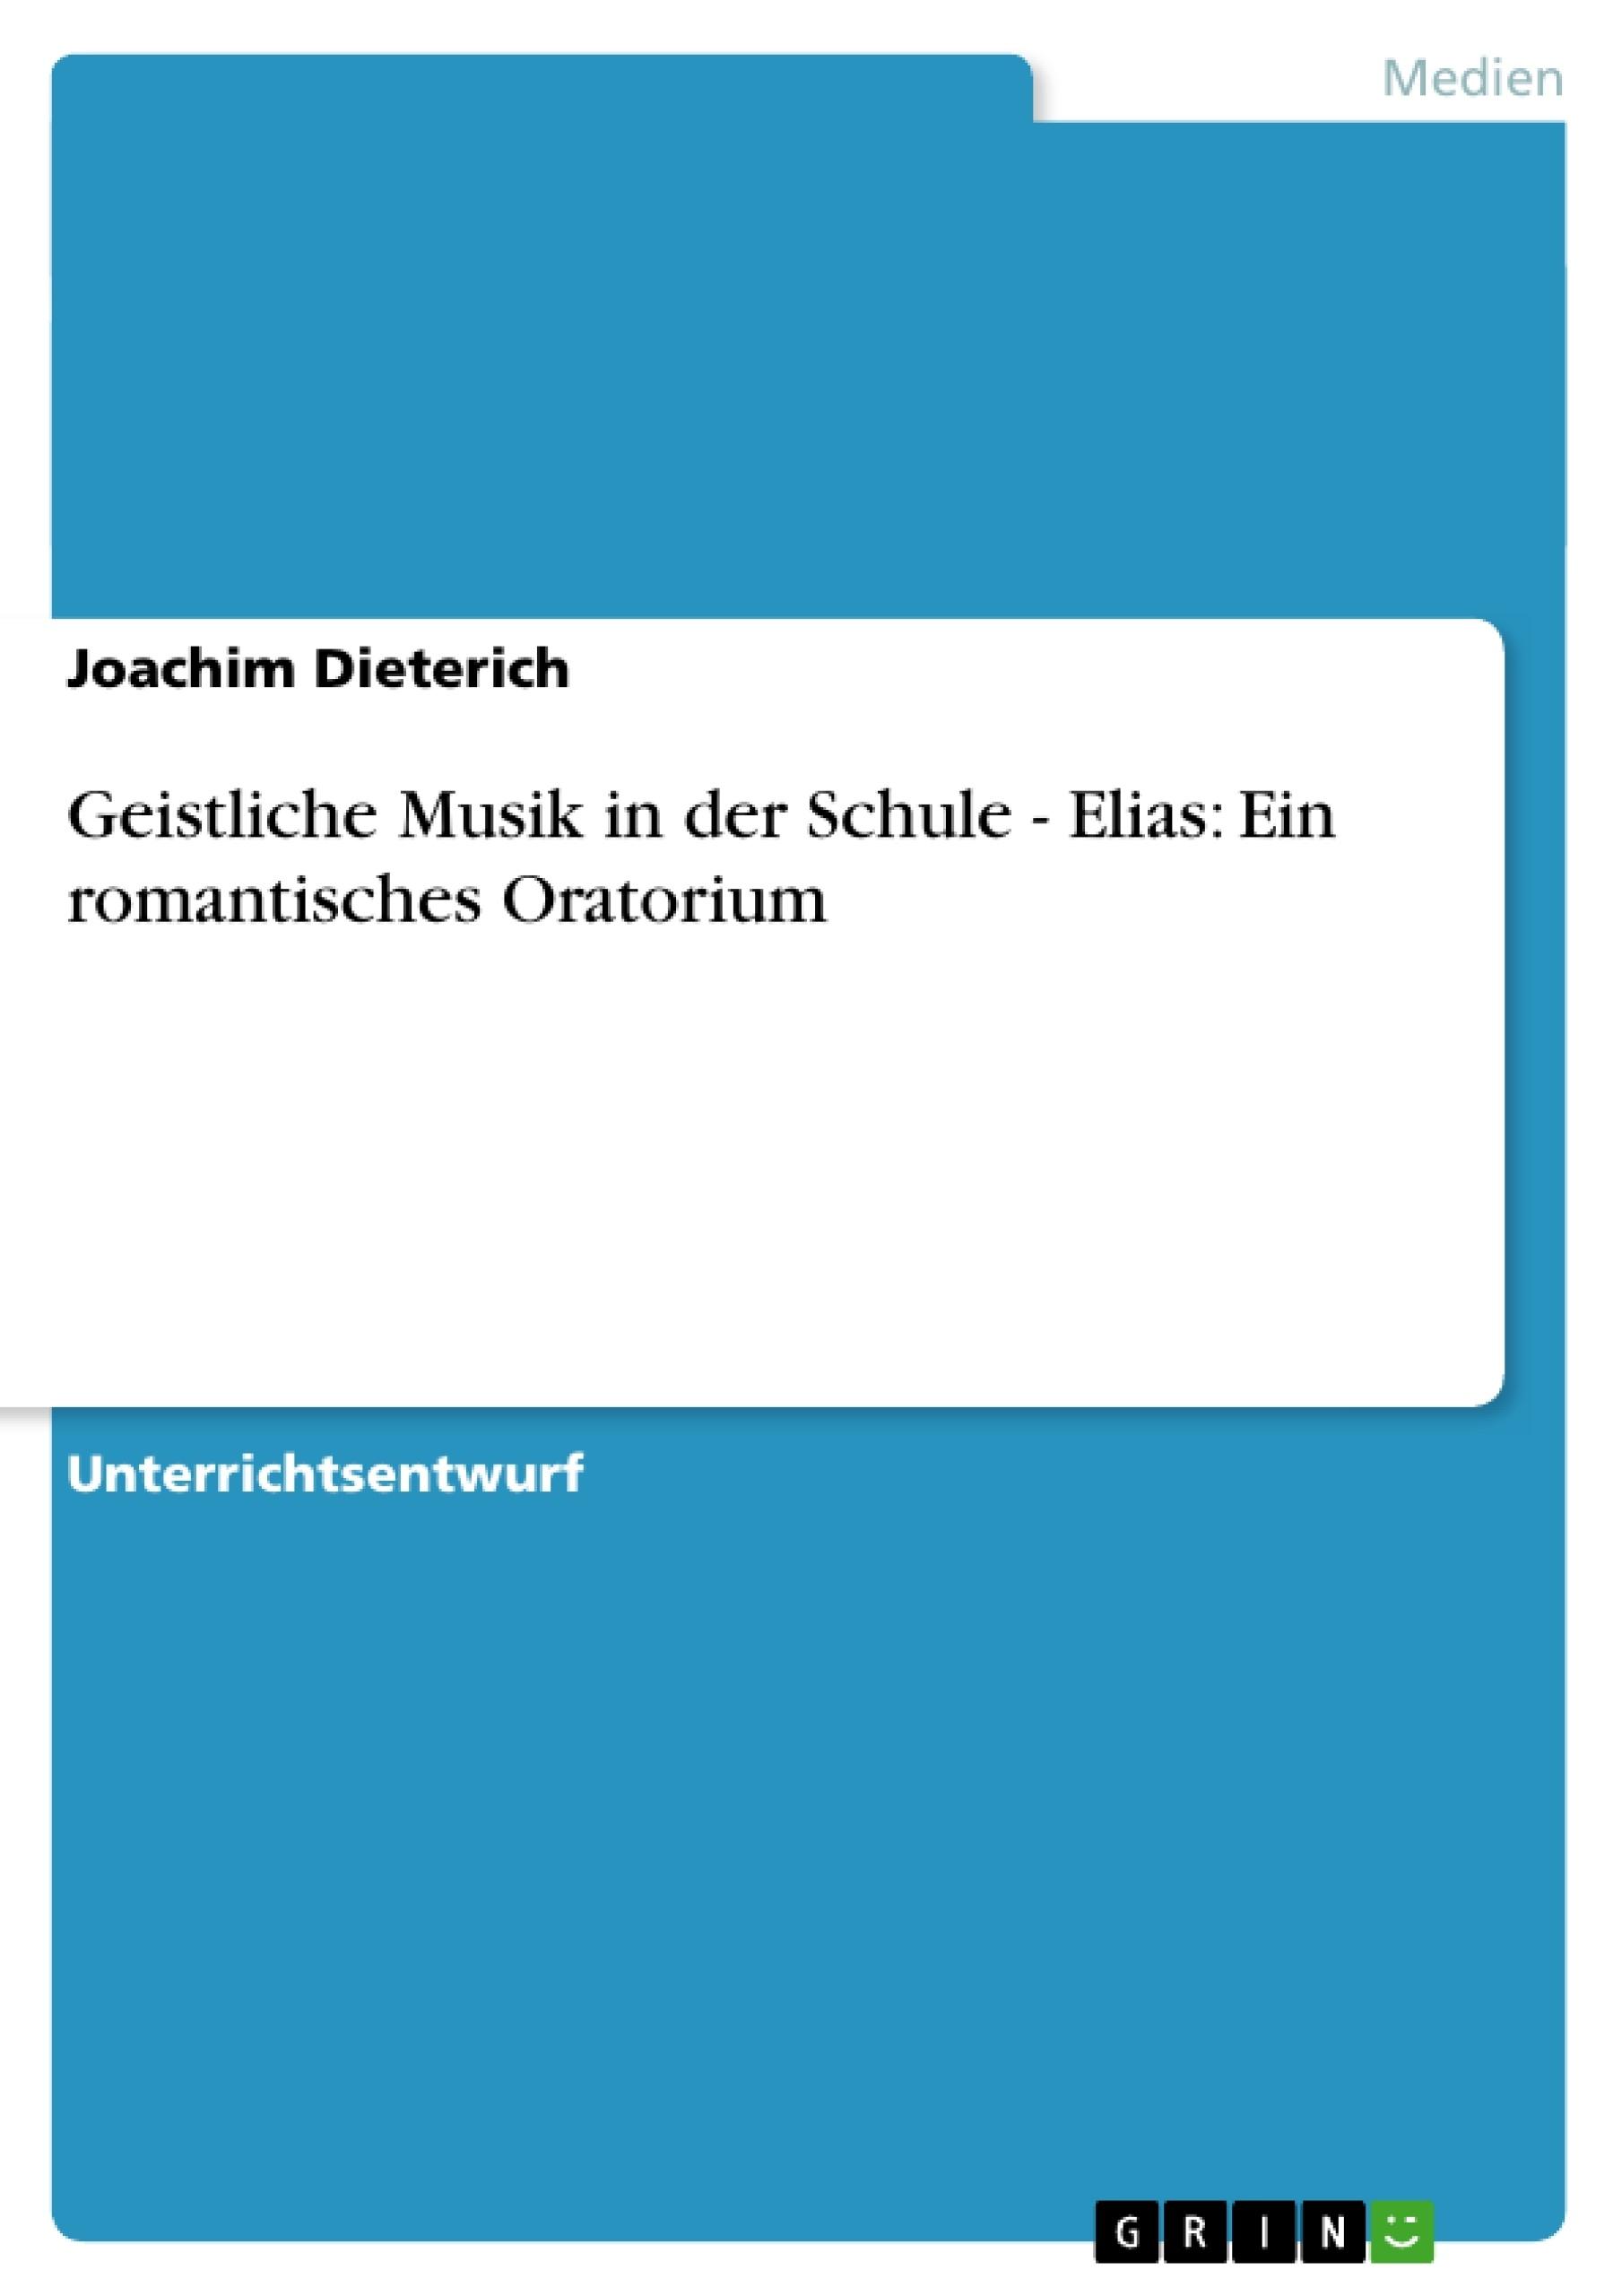 Titel: Geistliche Musik in der Schule - Elias: Ein romantisches Oratorium